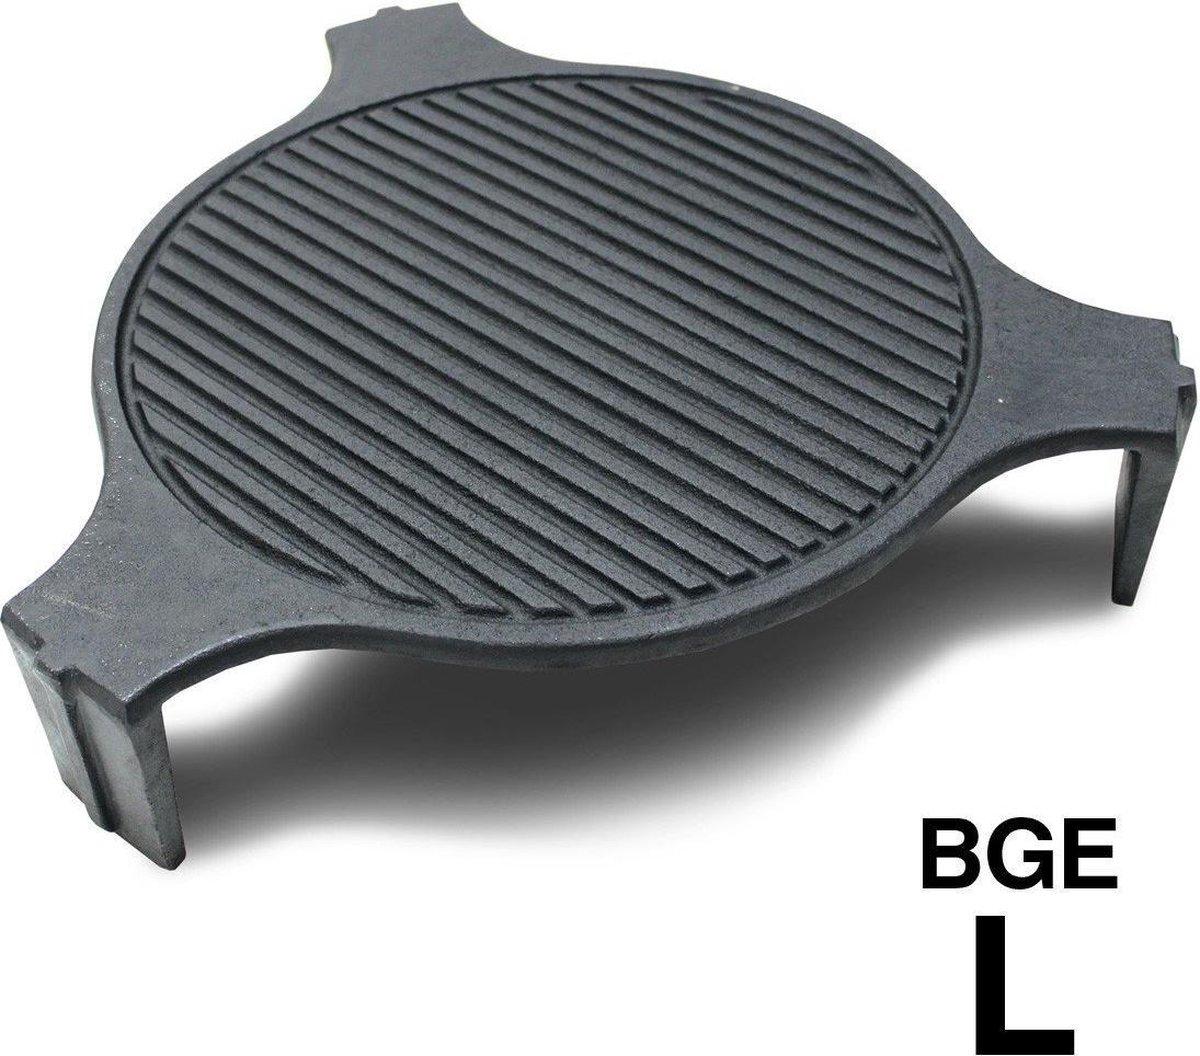 Smokeware Gietijzeren Grillrooster Large - Barbecuerooster - Gietijzeren bakplaat- Grillrooster - Bakplaat - Grill-Bakplaat- Ø 46cm - Geschikt voor Bigg Green Egg Large